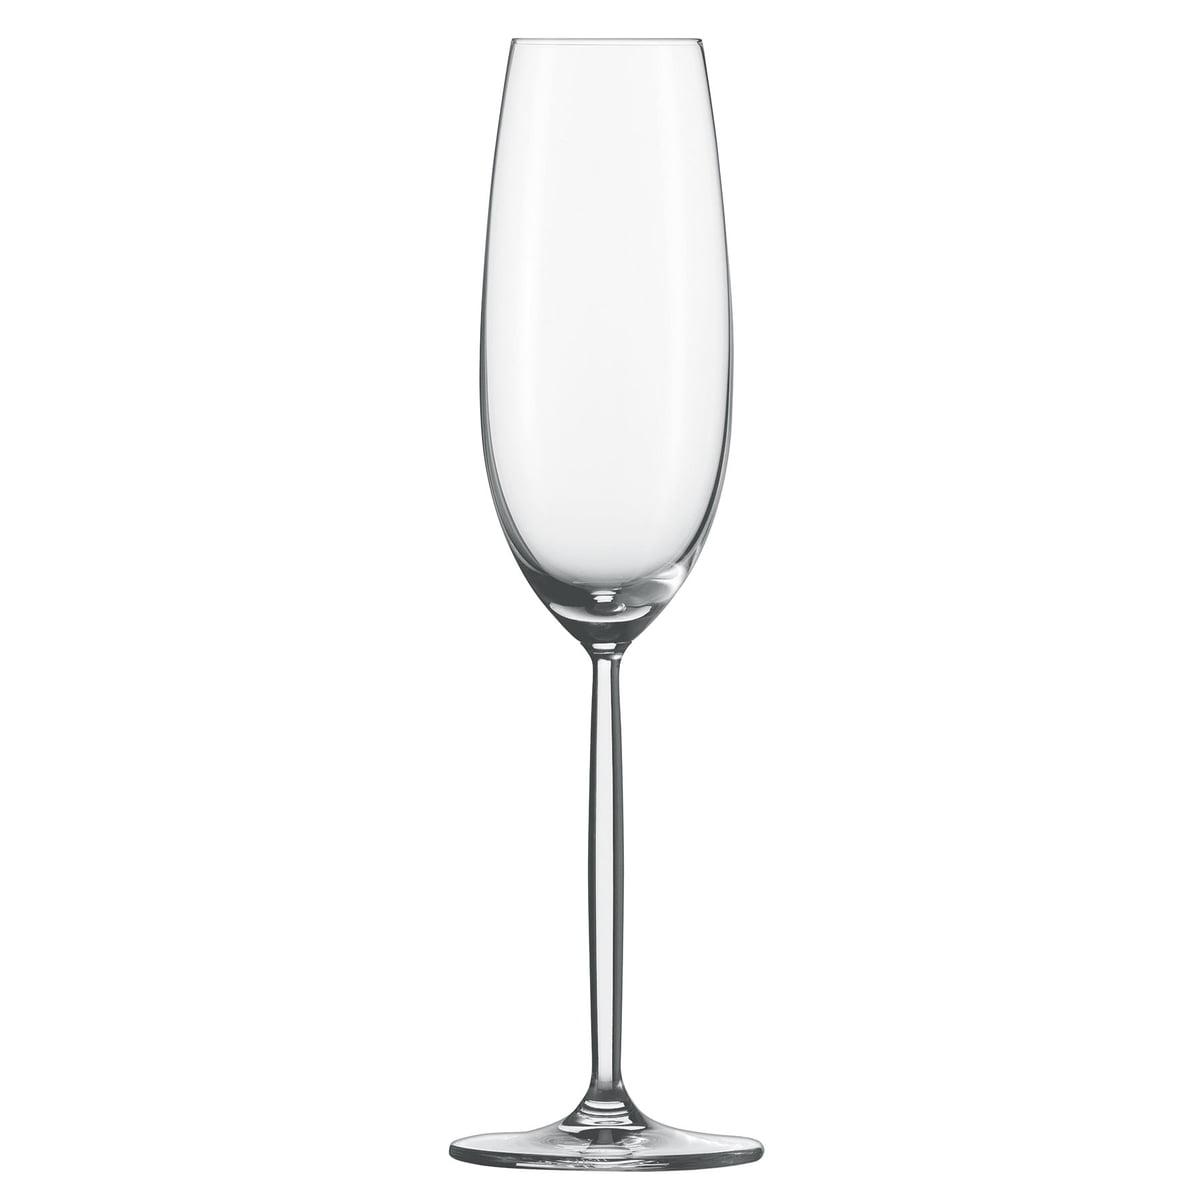 Diva Sektglas von Schott Zwiesel im Shop